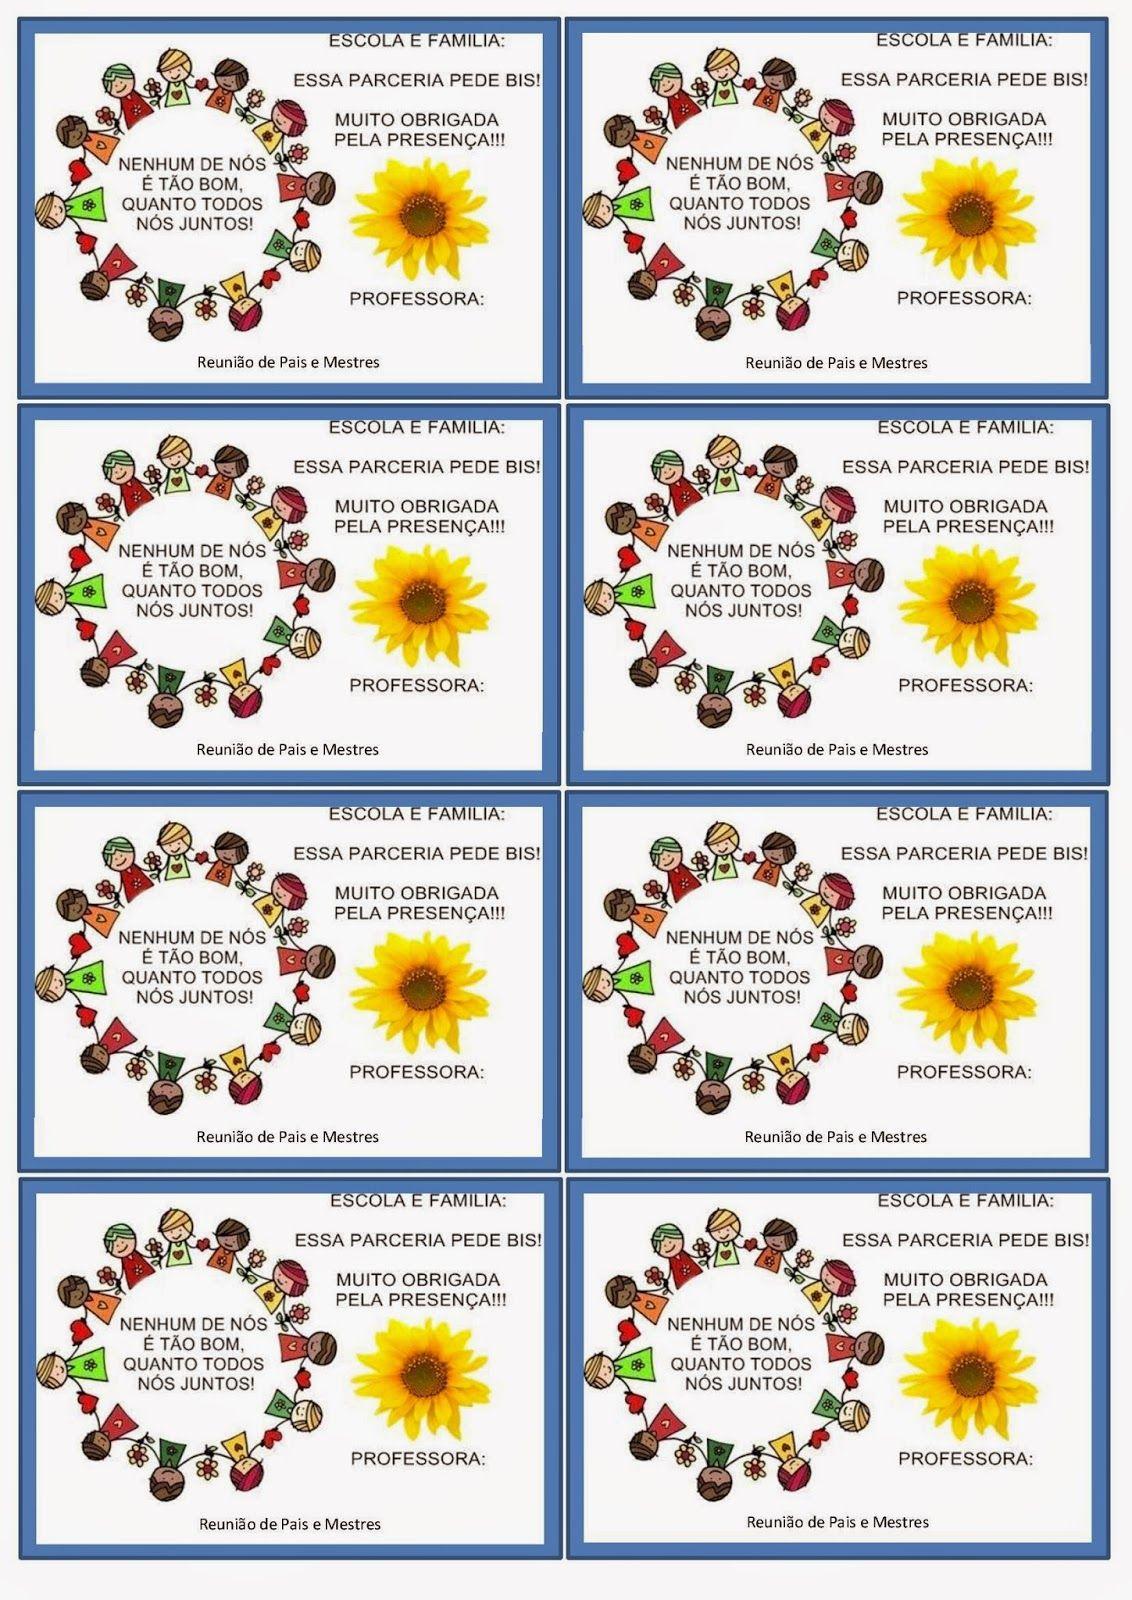 ... de Valor: Cartão lembrança para Reunião de Pais e Mestres